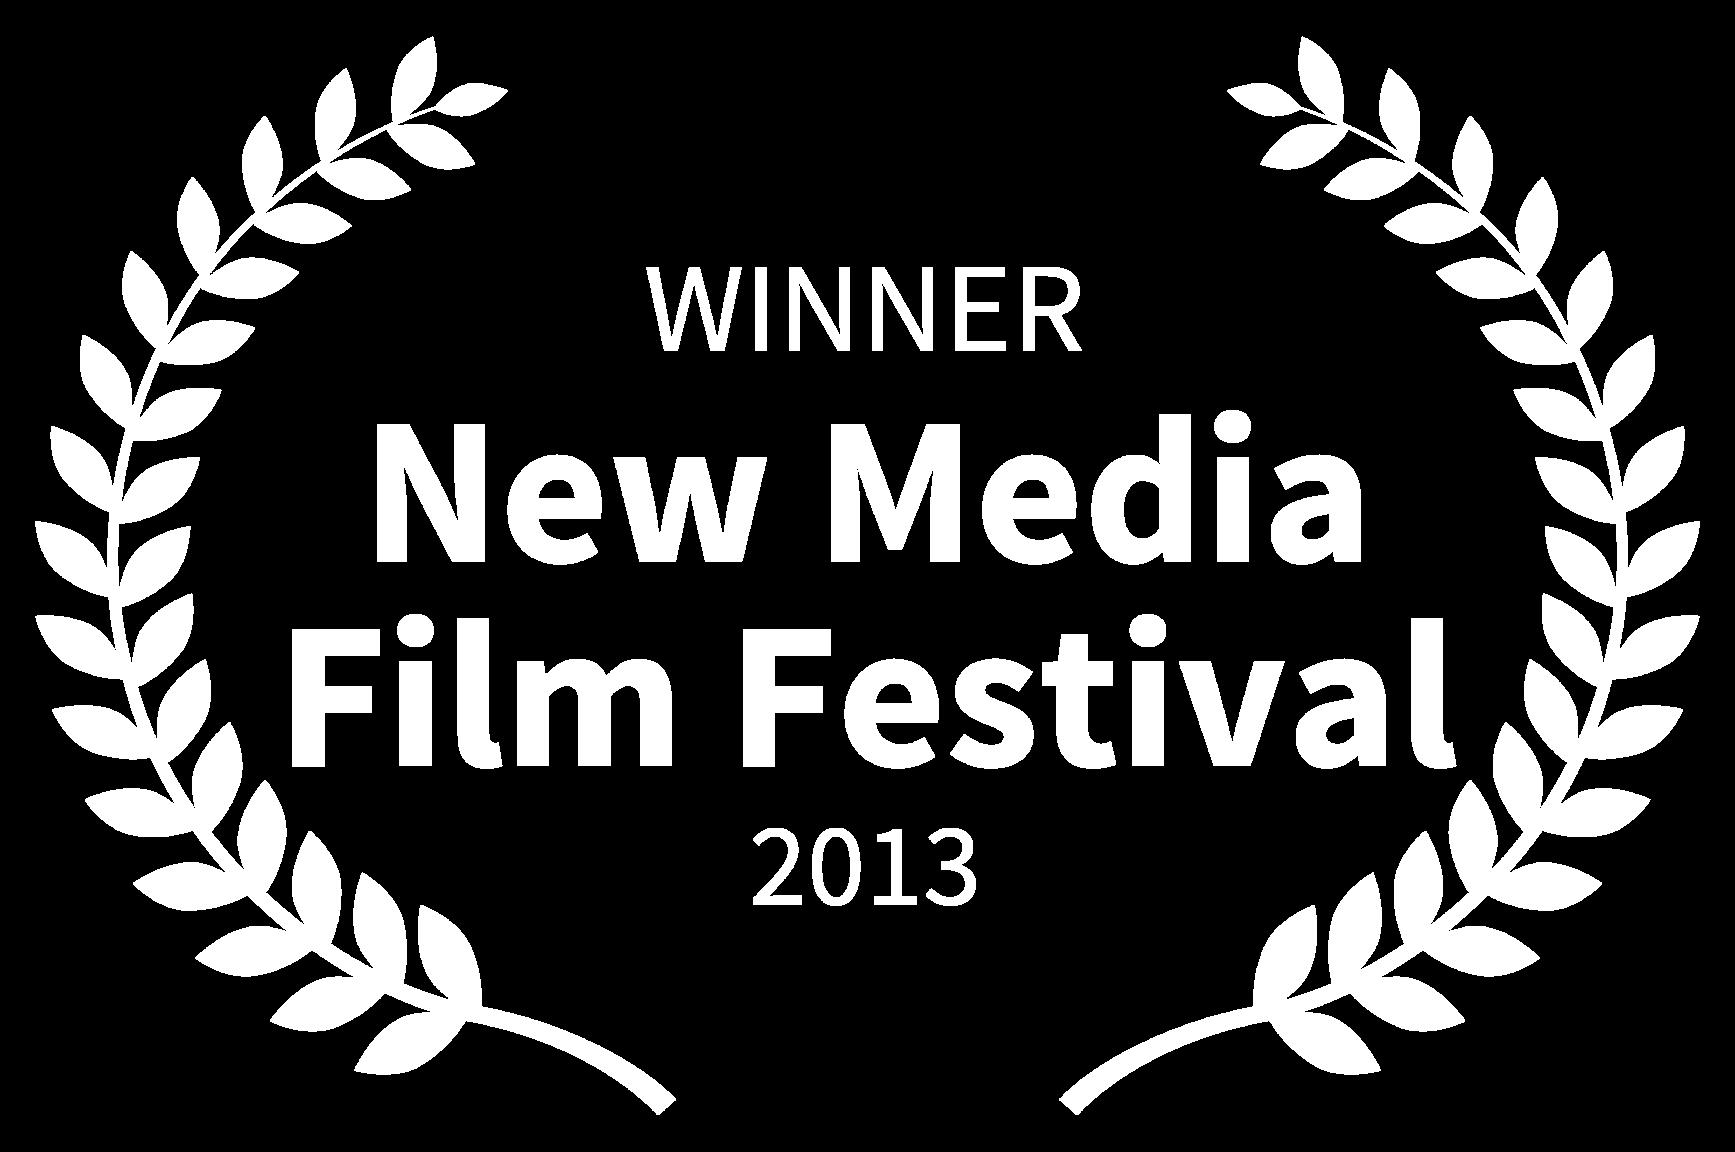 WINNER - New Media Film Festival - 2013.png